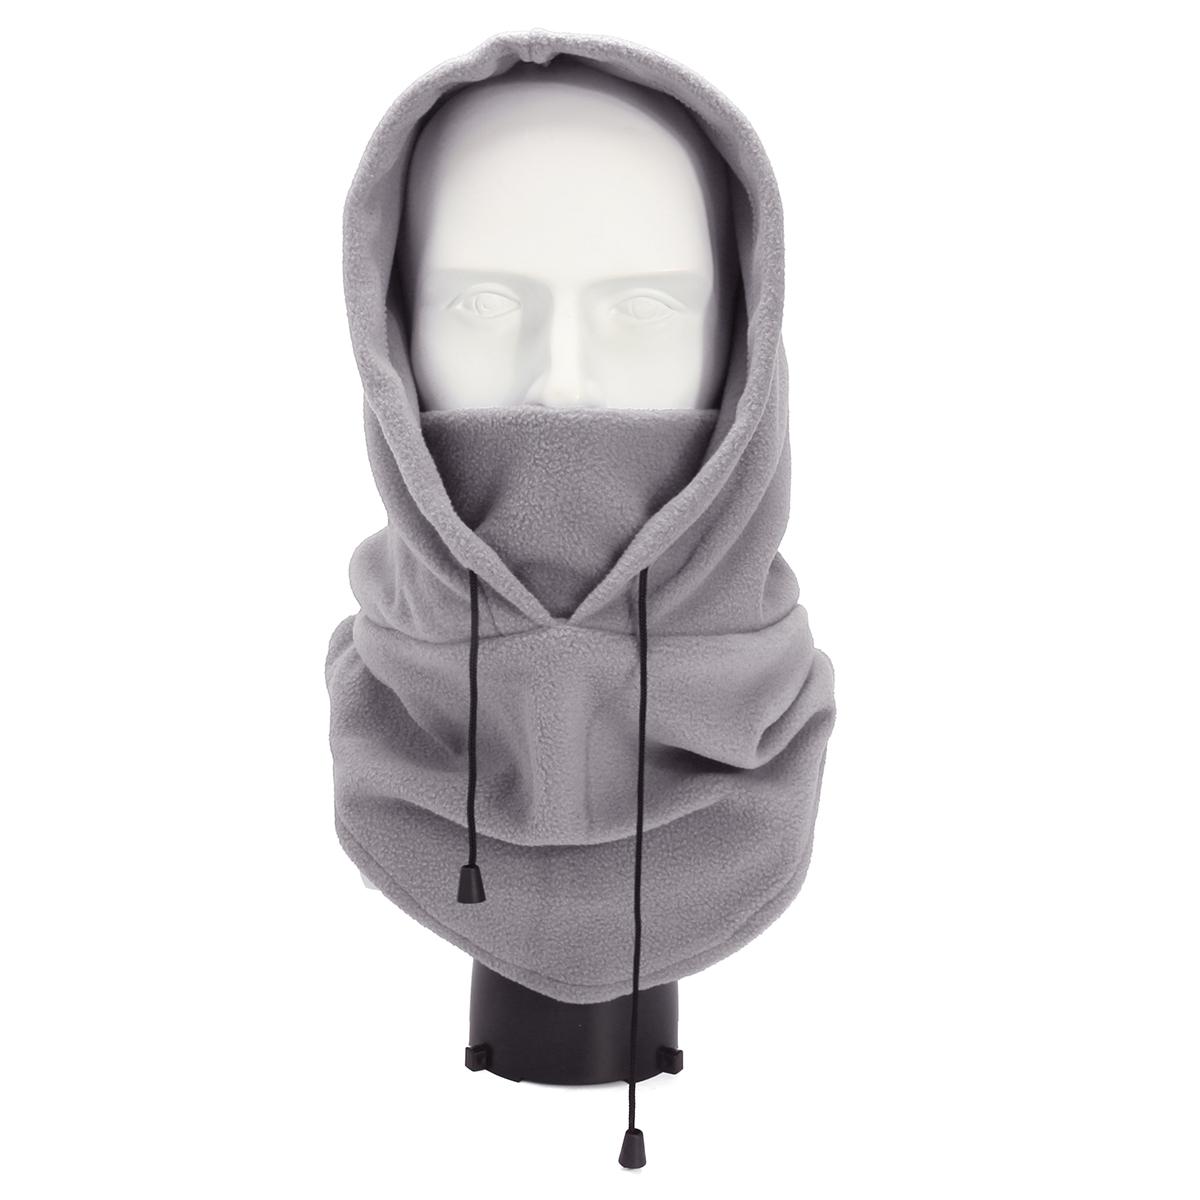 BIKIGHT NinjaЛицевая маскаСнежная тактическая ветрозащитная кепка Балаклава Зимняя лыжная Шапка Обложка Спорт - фото 4